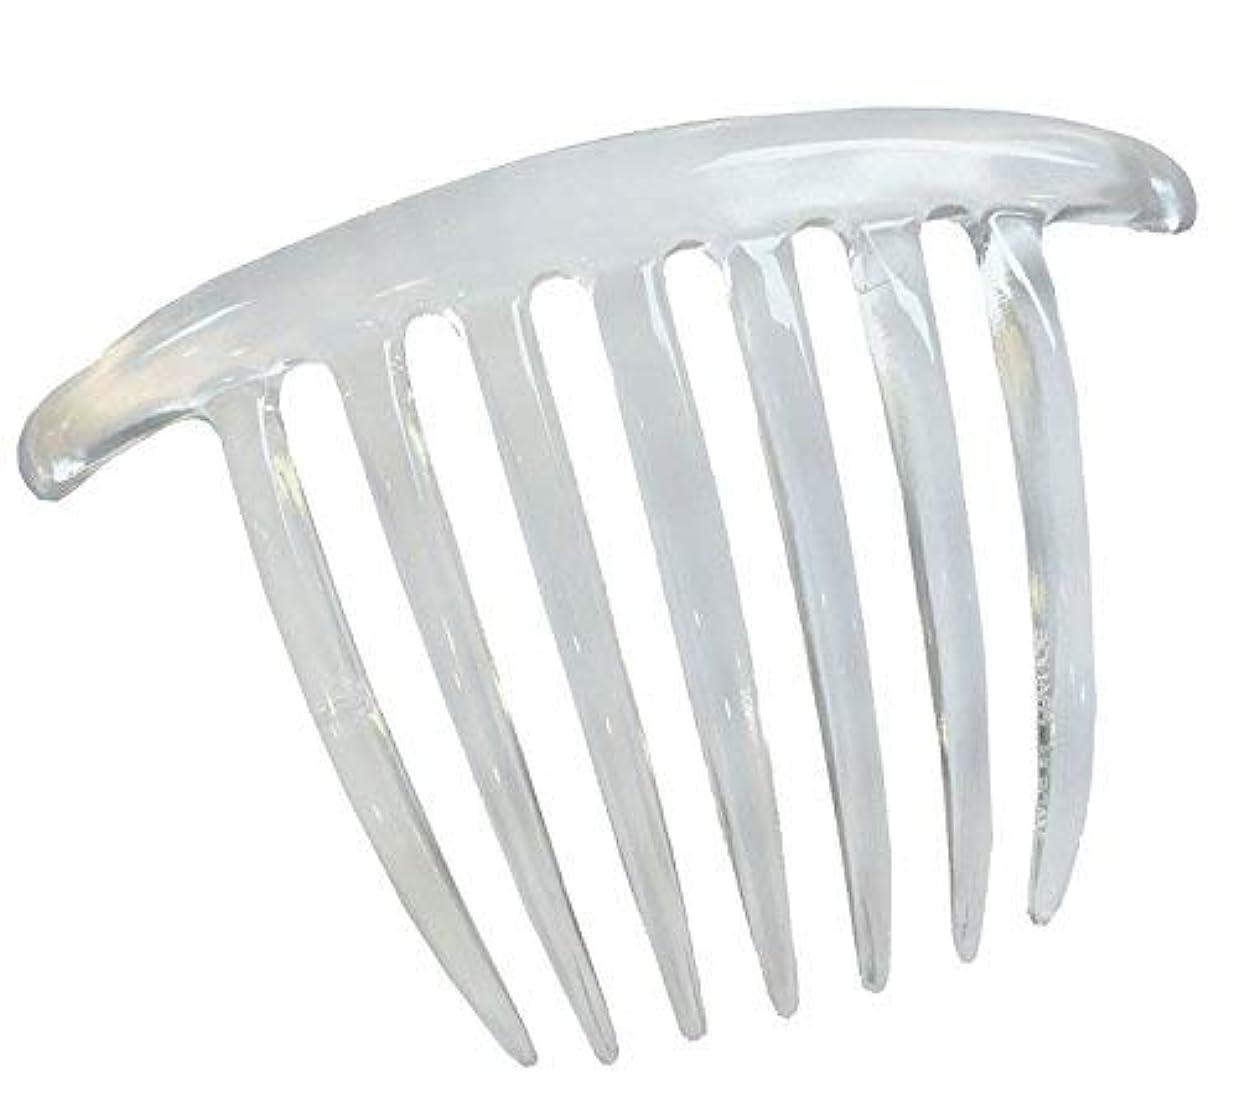 考古学れんが版Parcelona French Twist 7 Teeths Large Celluloid Clear Hair Side Comb (Clear) [並行輸入品]